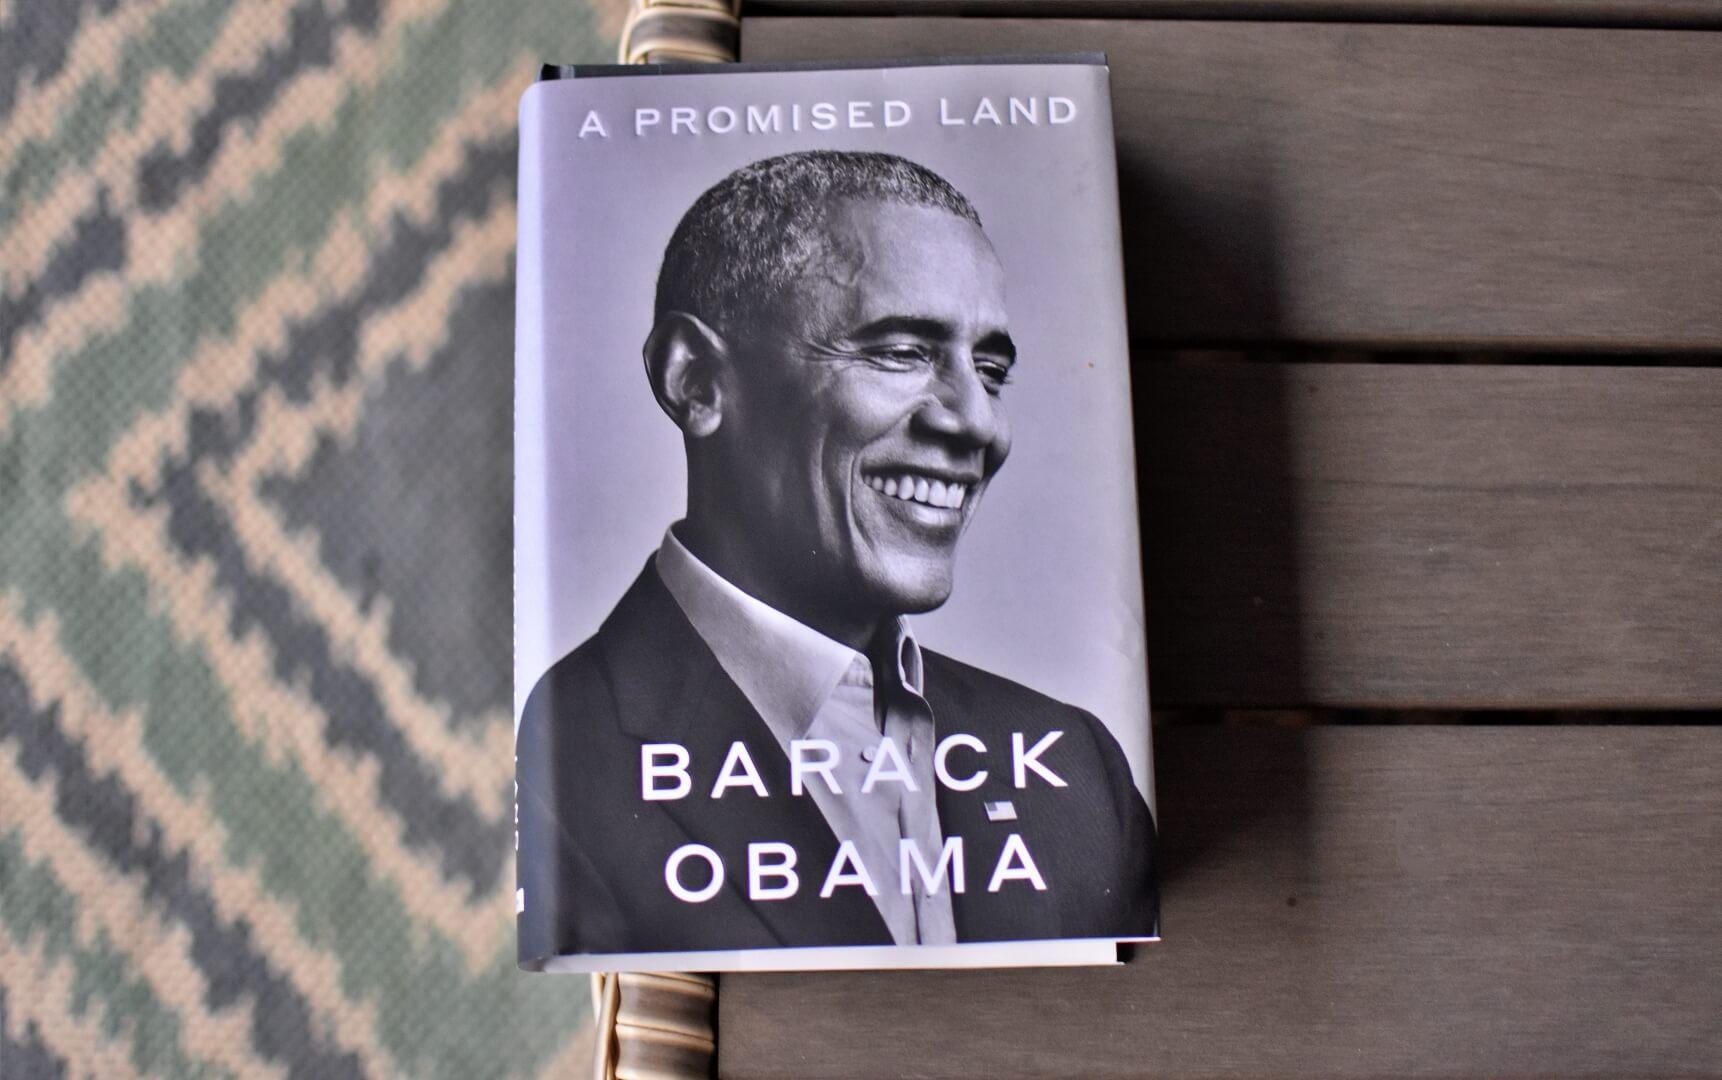 کتاب سرزمین موعود اثر باراک اوباما ( A Promised Land ) - پر فروش ترین کتاب های ۲۰۲۰